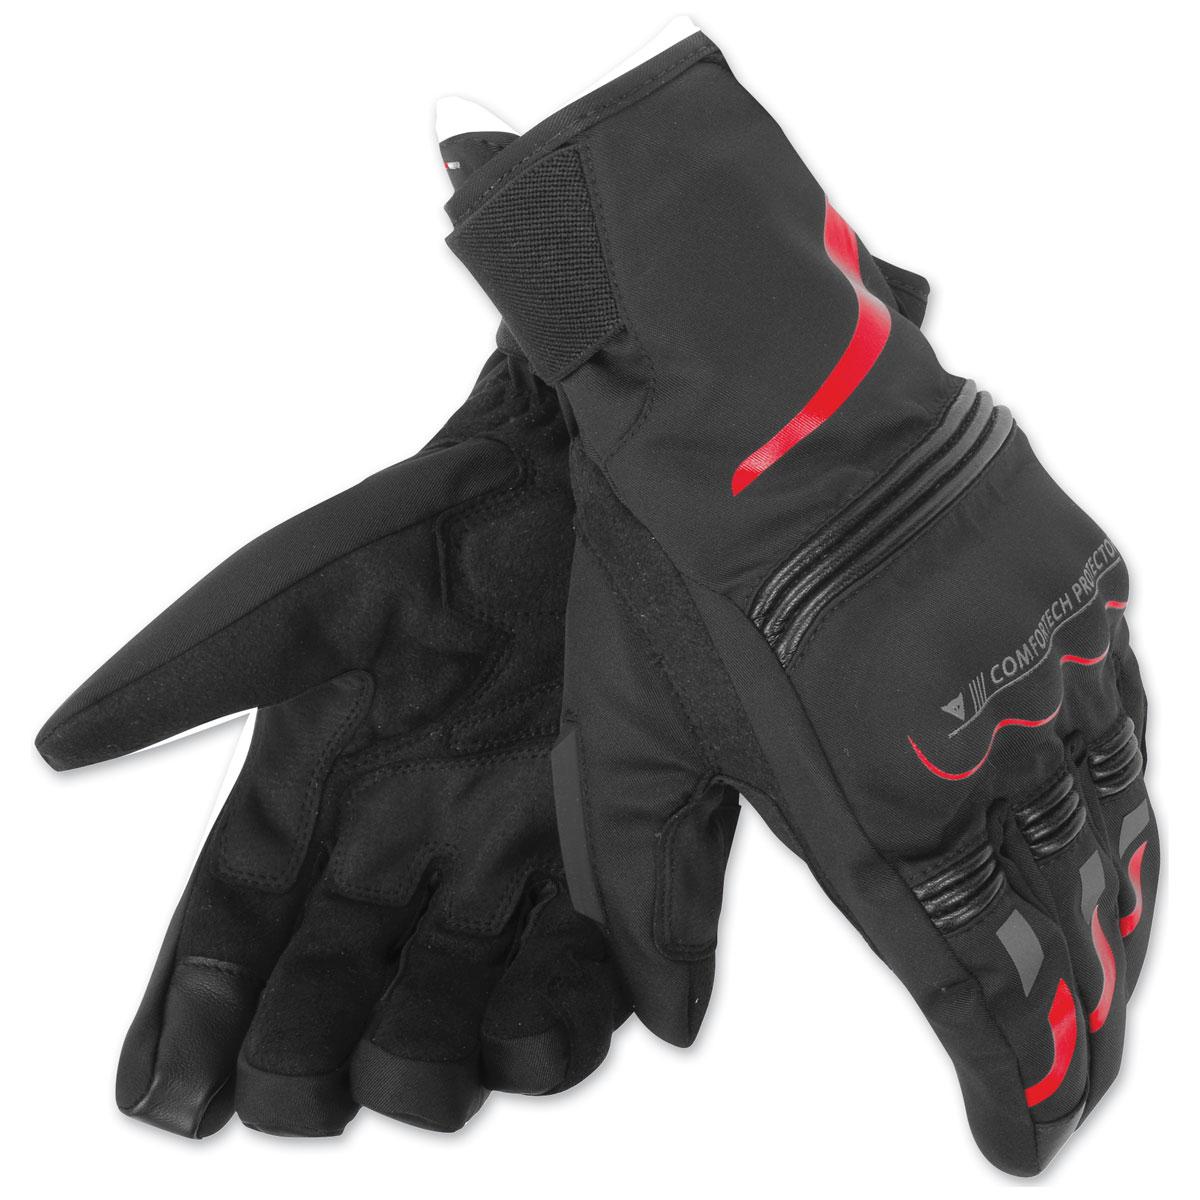 Dainese Unisex Tempest D-Dry Short Black/Red Gloves